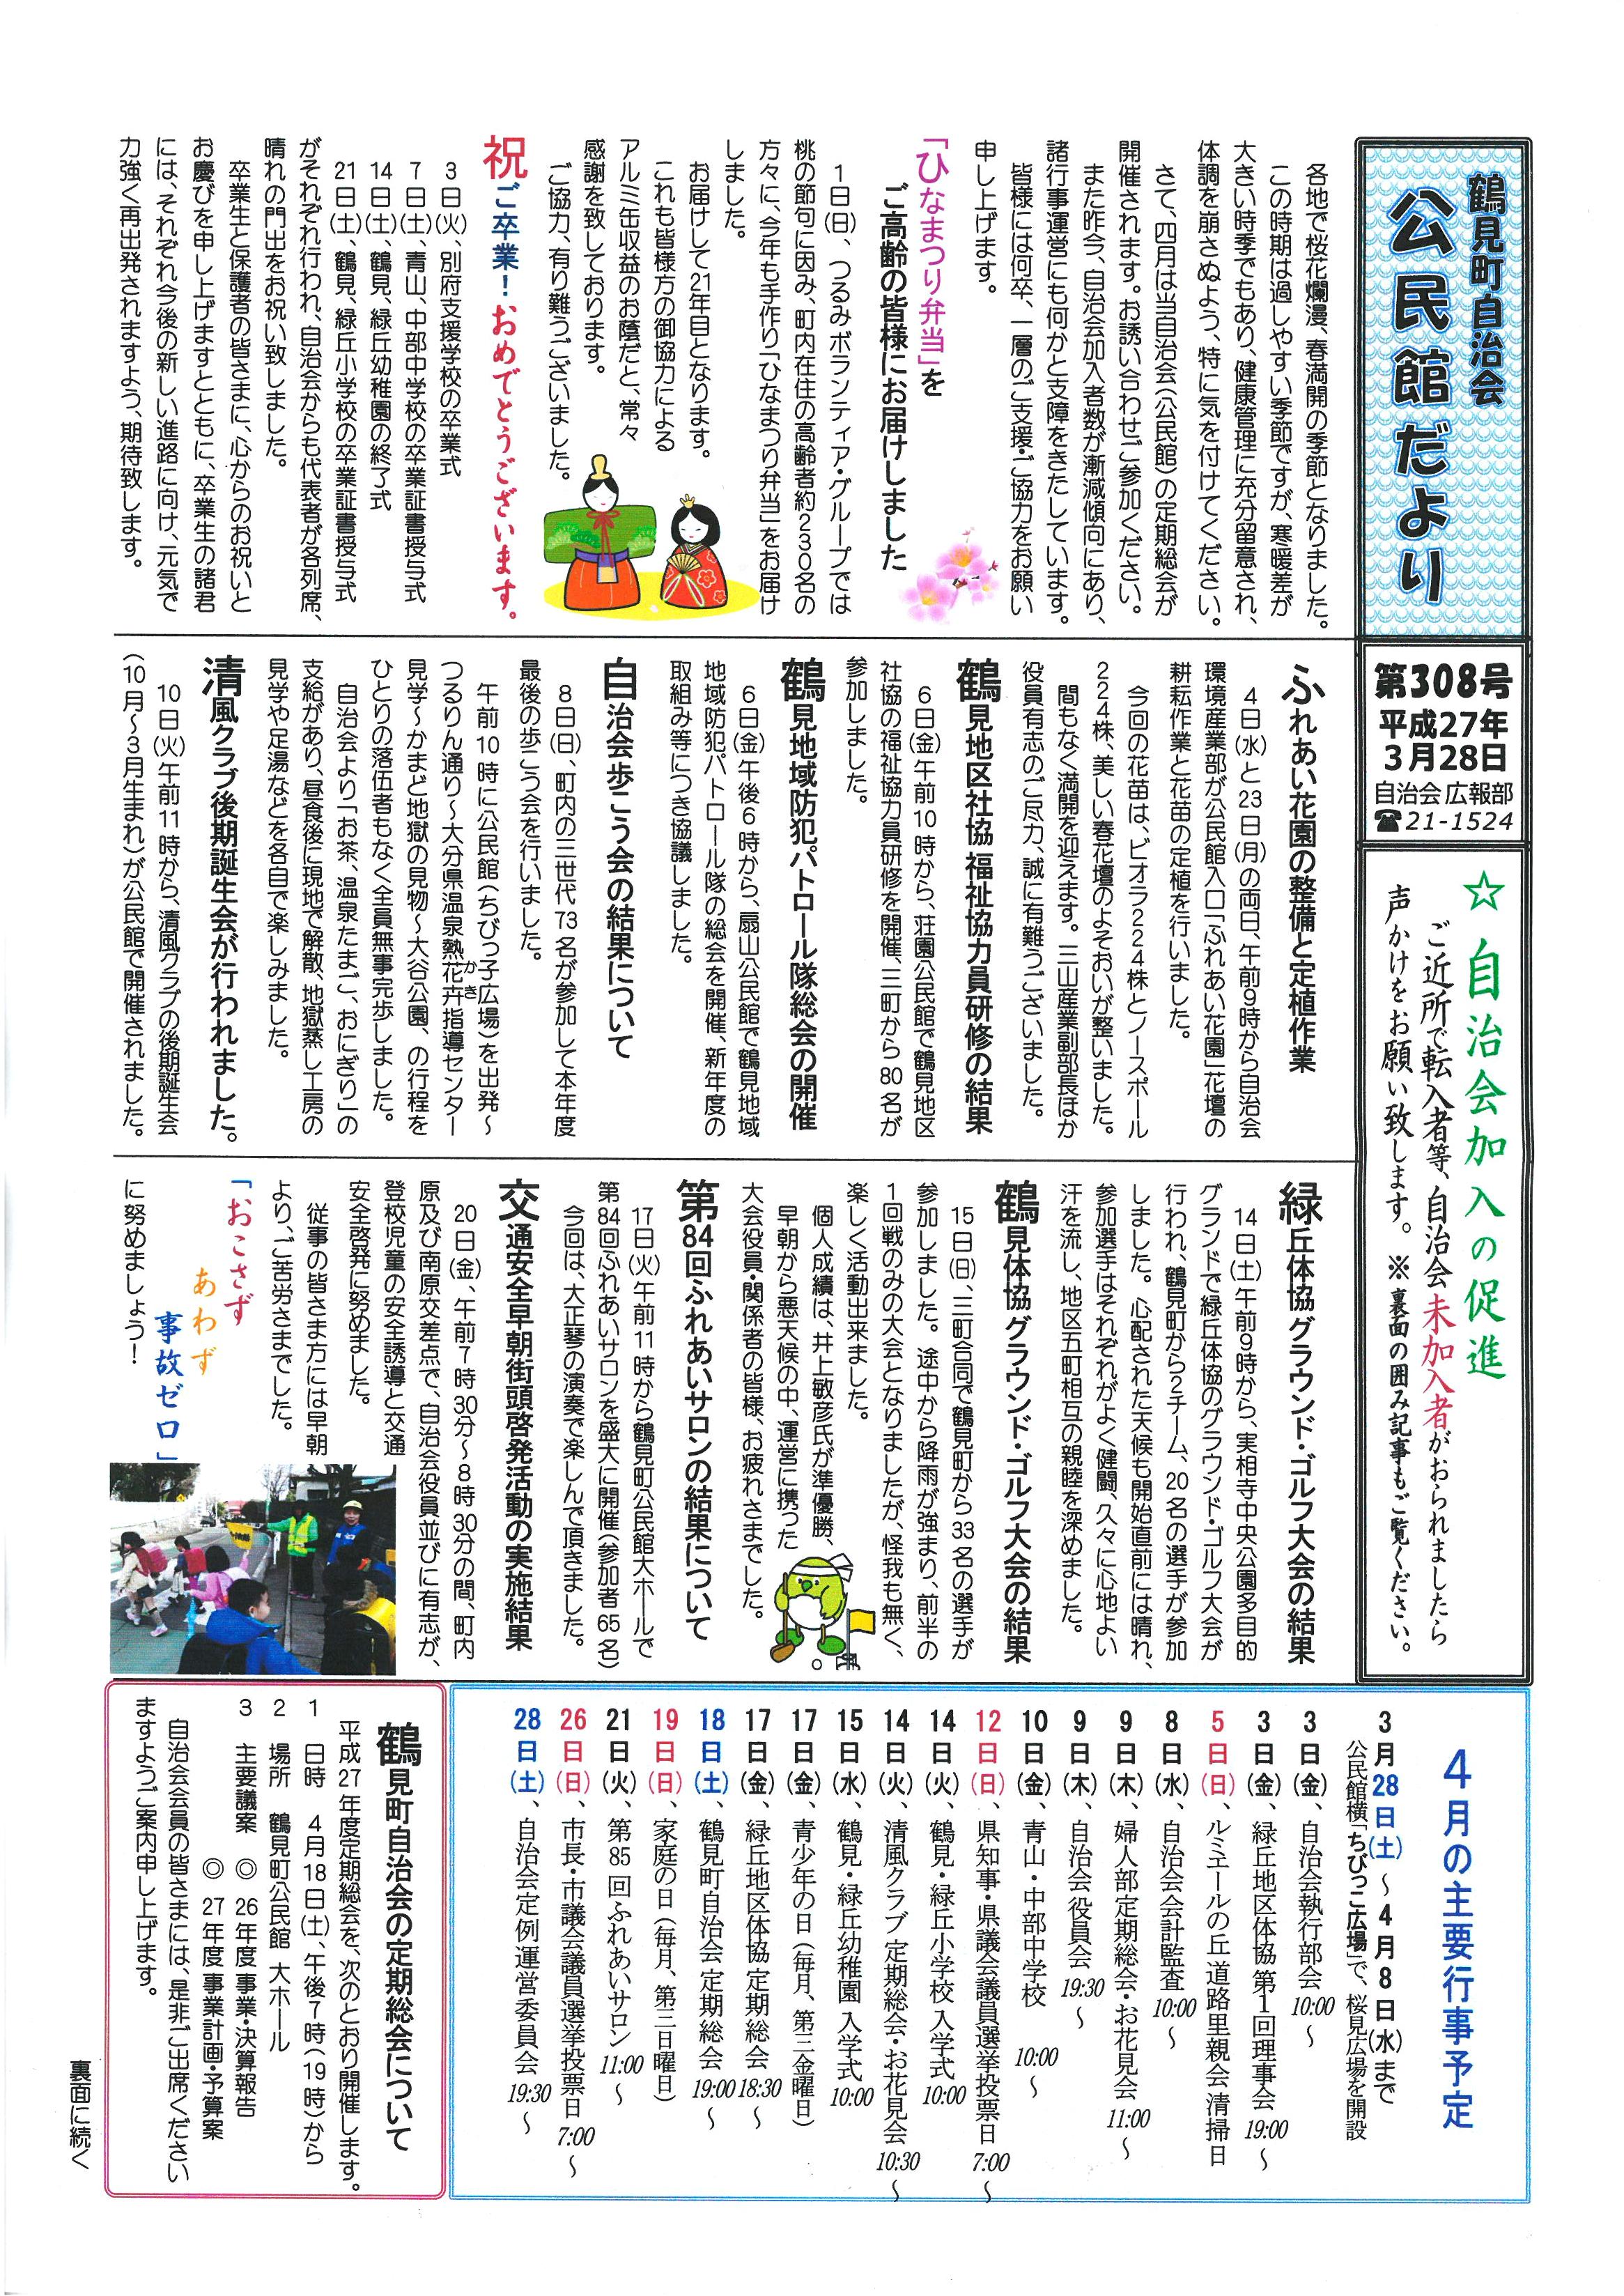 tsurumi2015_04_01